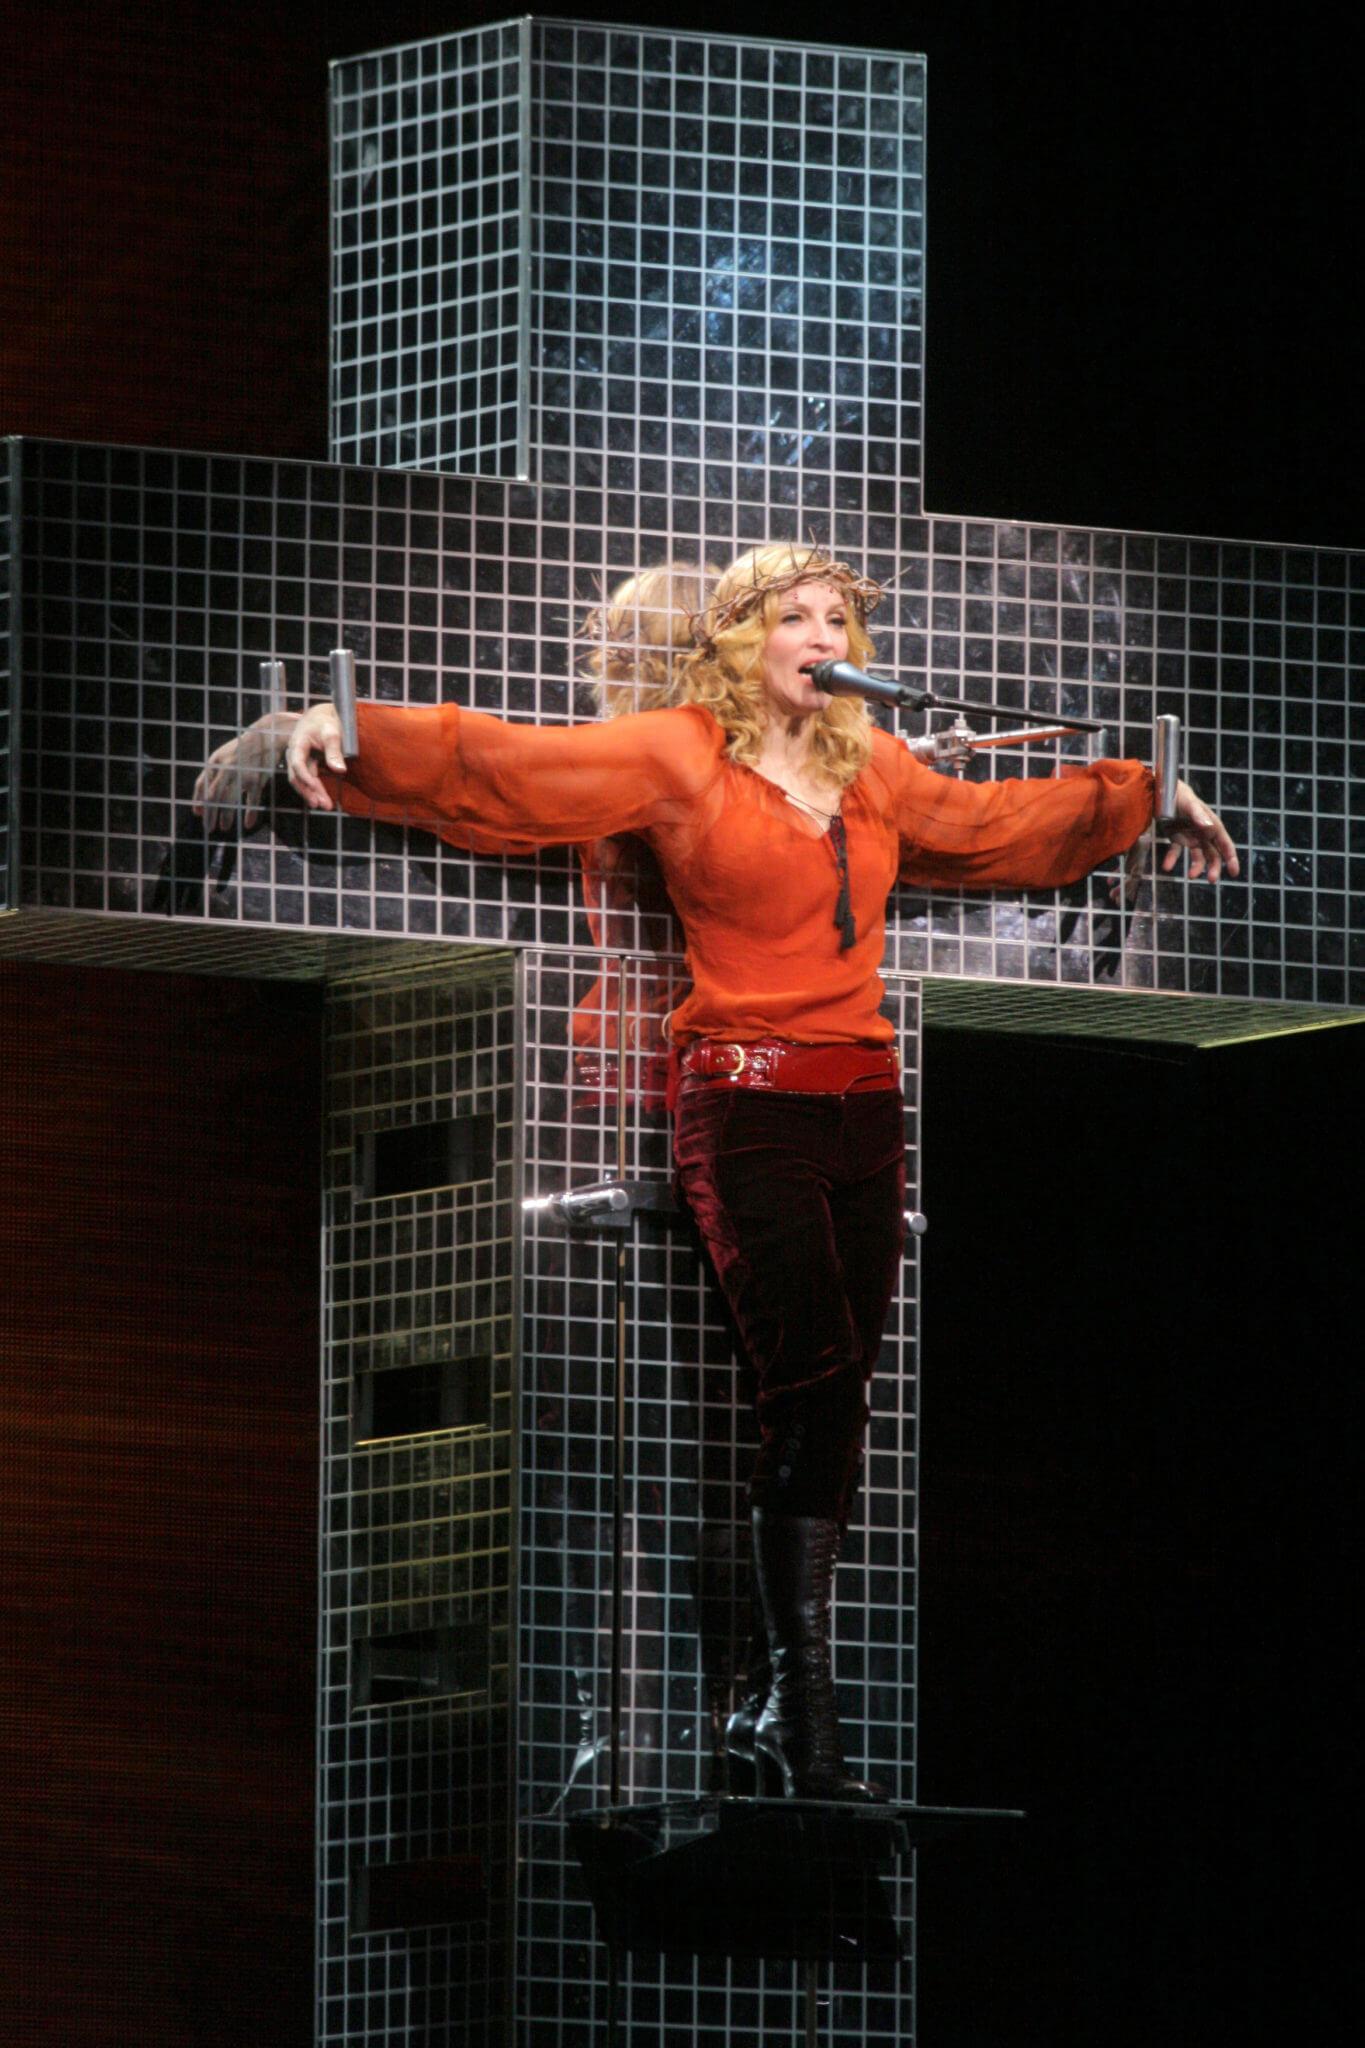 Madonna en su tour Confessions del año 2006. Fotografía: Giovanni Canitano/REX